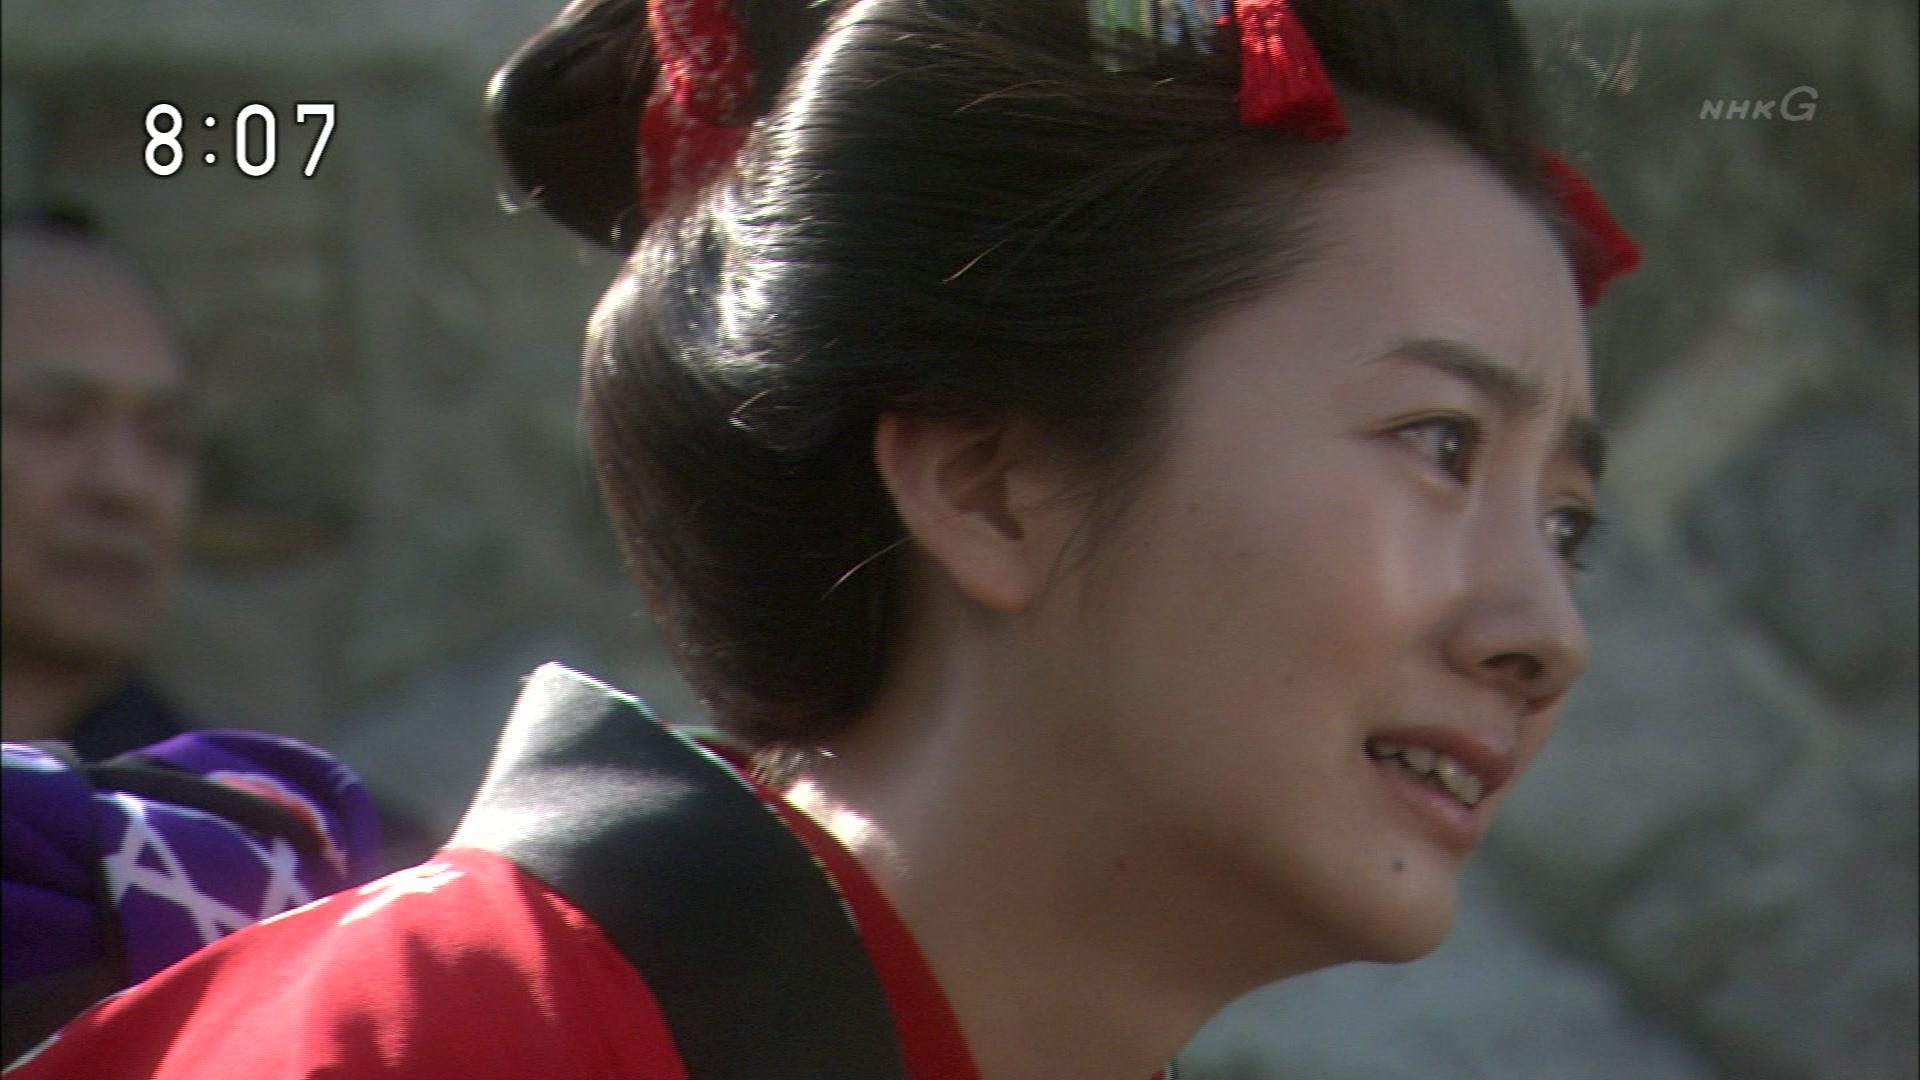 2015-10-10 08:00 連続テレビ小説 あさが来た(12)「ふたつの花びら」 1412